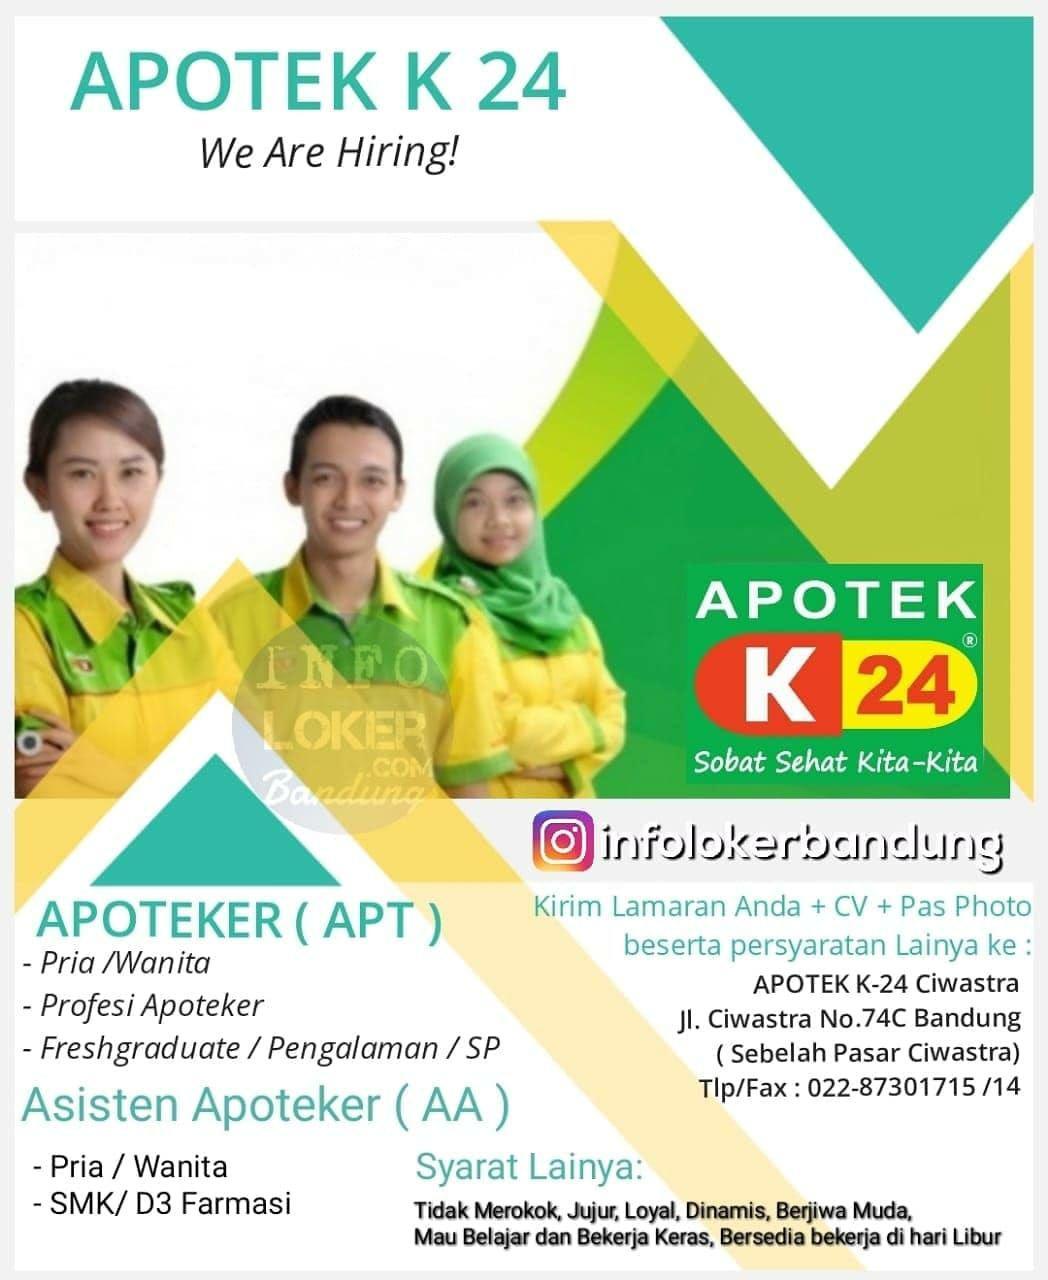 Lowongan Kerja Apotek K24 Bandung Februari 2019